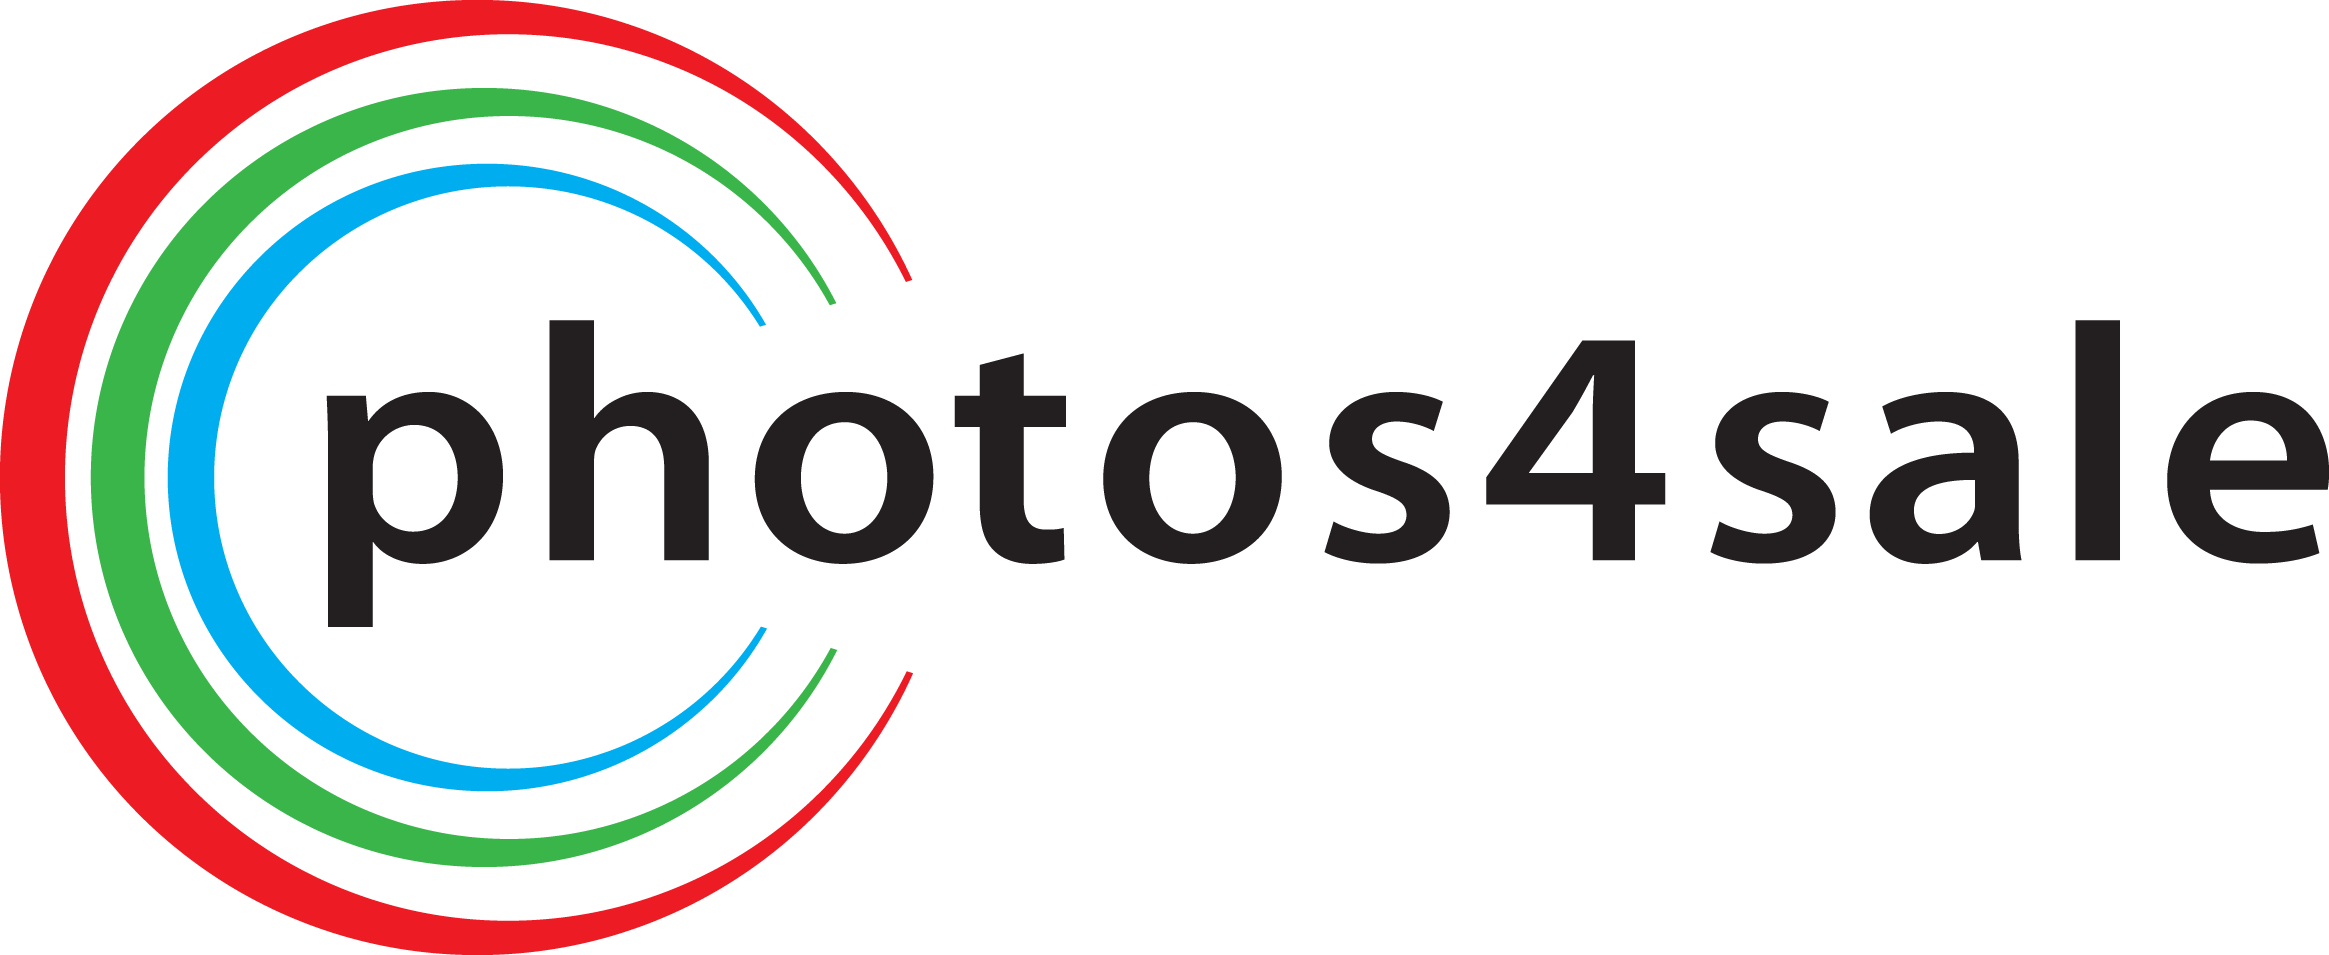 Photos4sale-197mm_P4S_logo.png